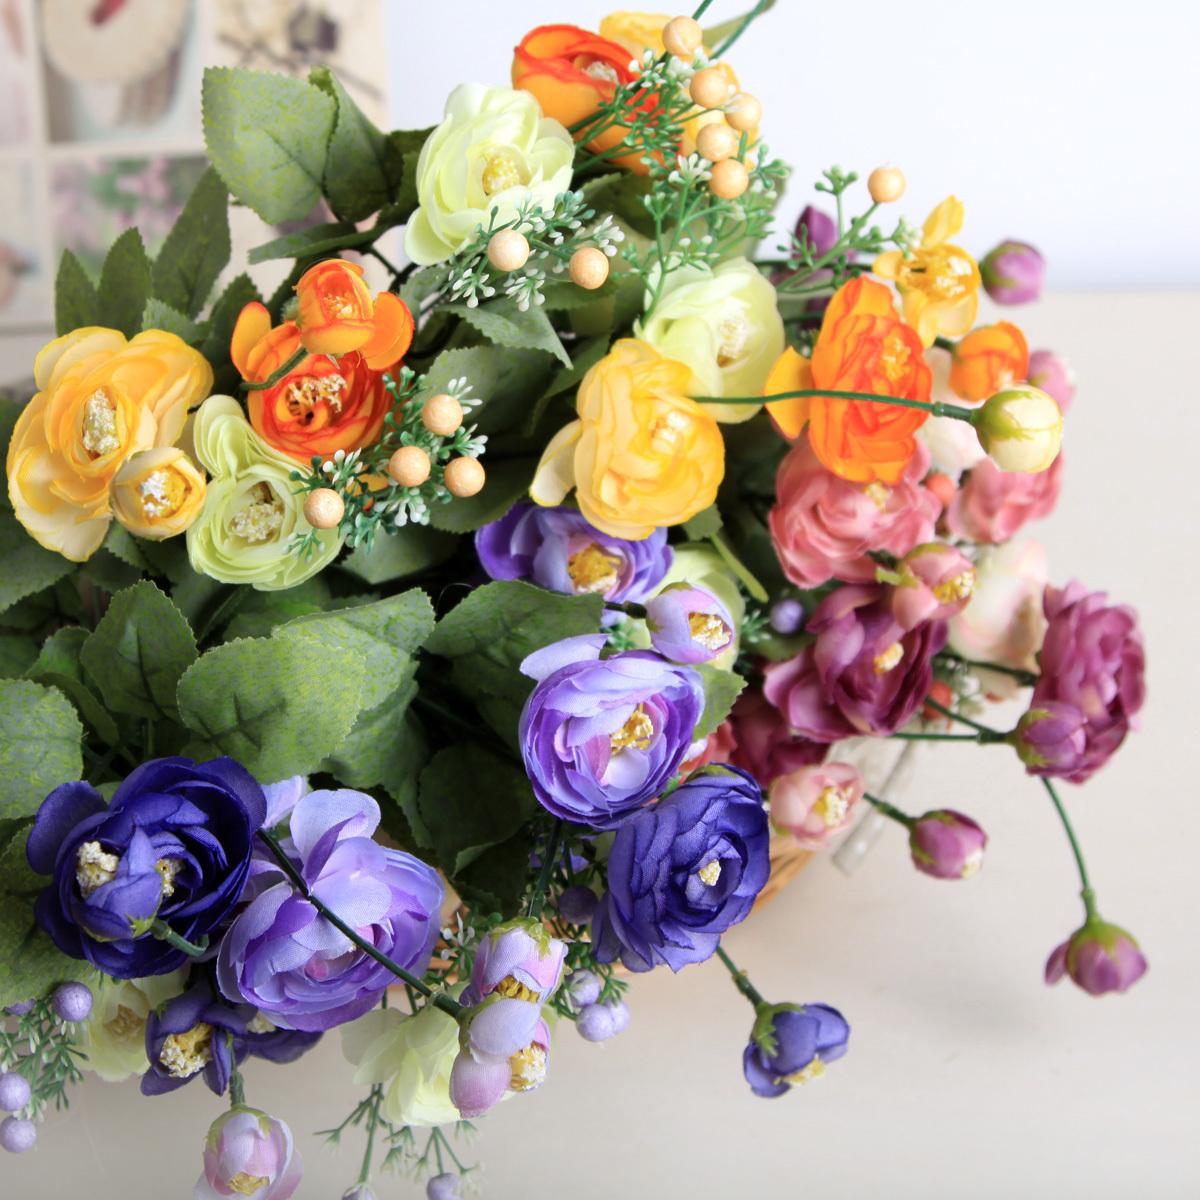 Где в ростове на дону можно купить искусственные цветы доставка букетов, цветов по москве